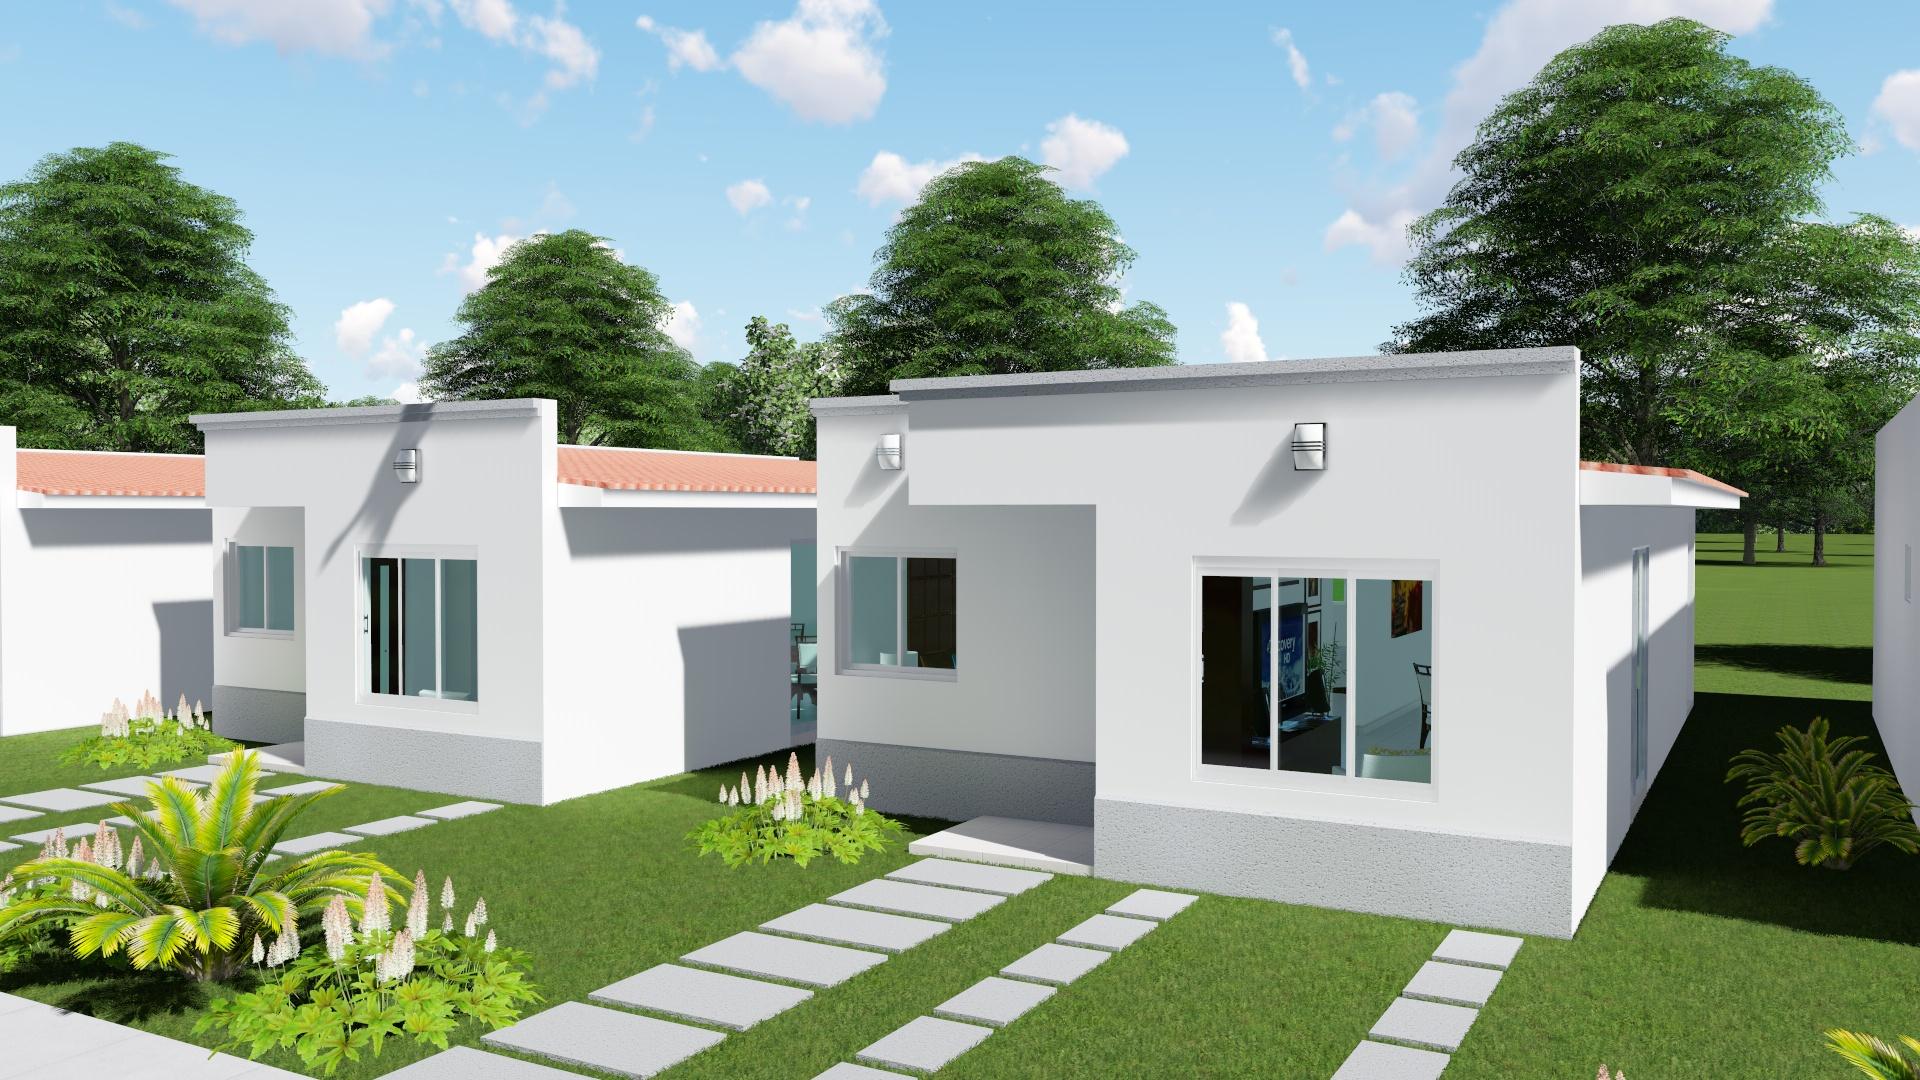 Casa nuevas en Km 12.5 carretera Masaya